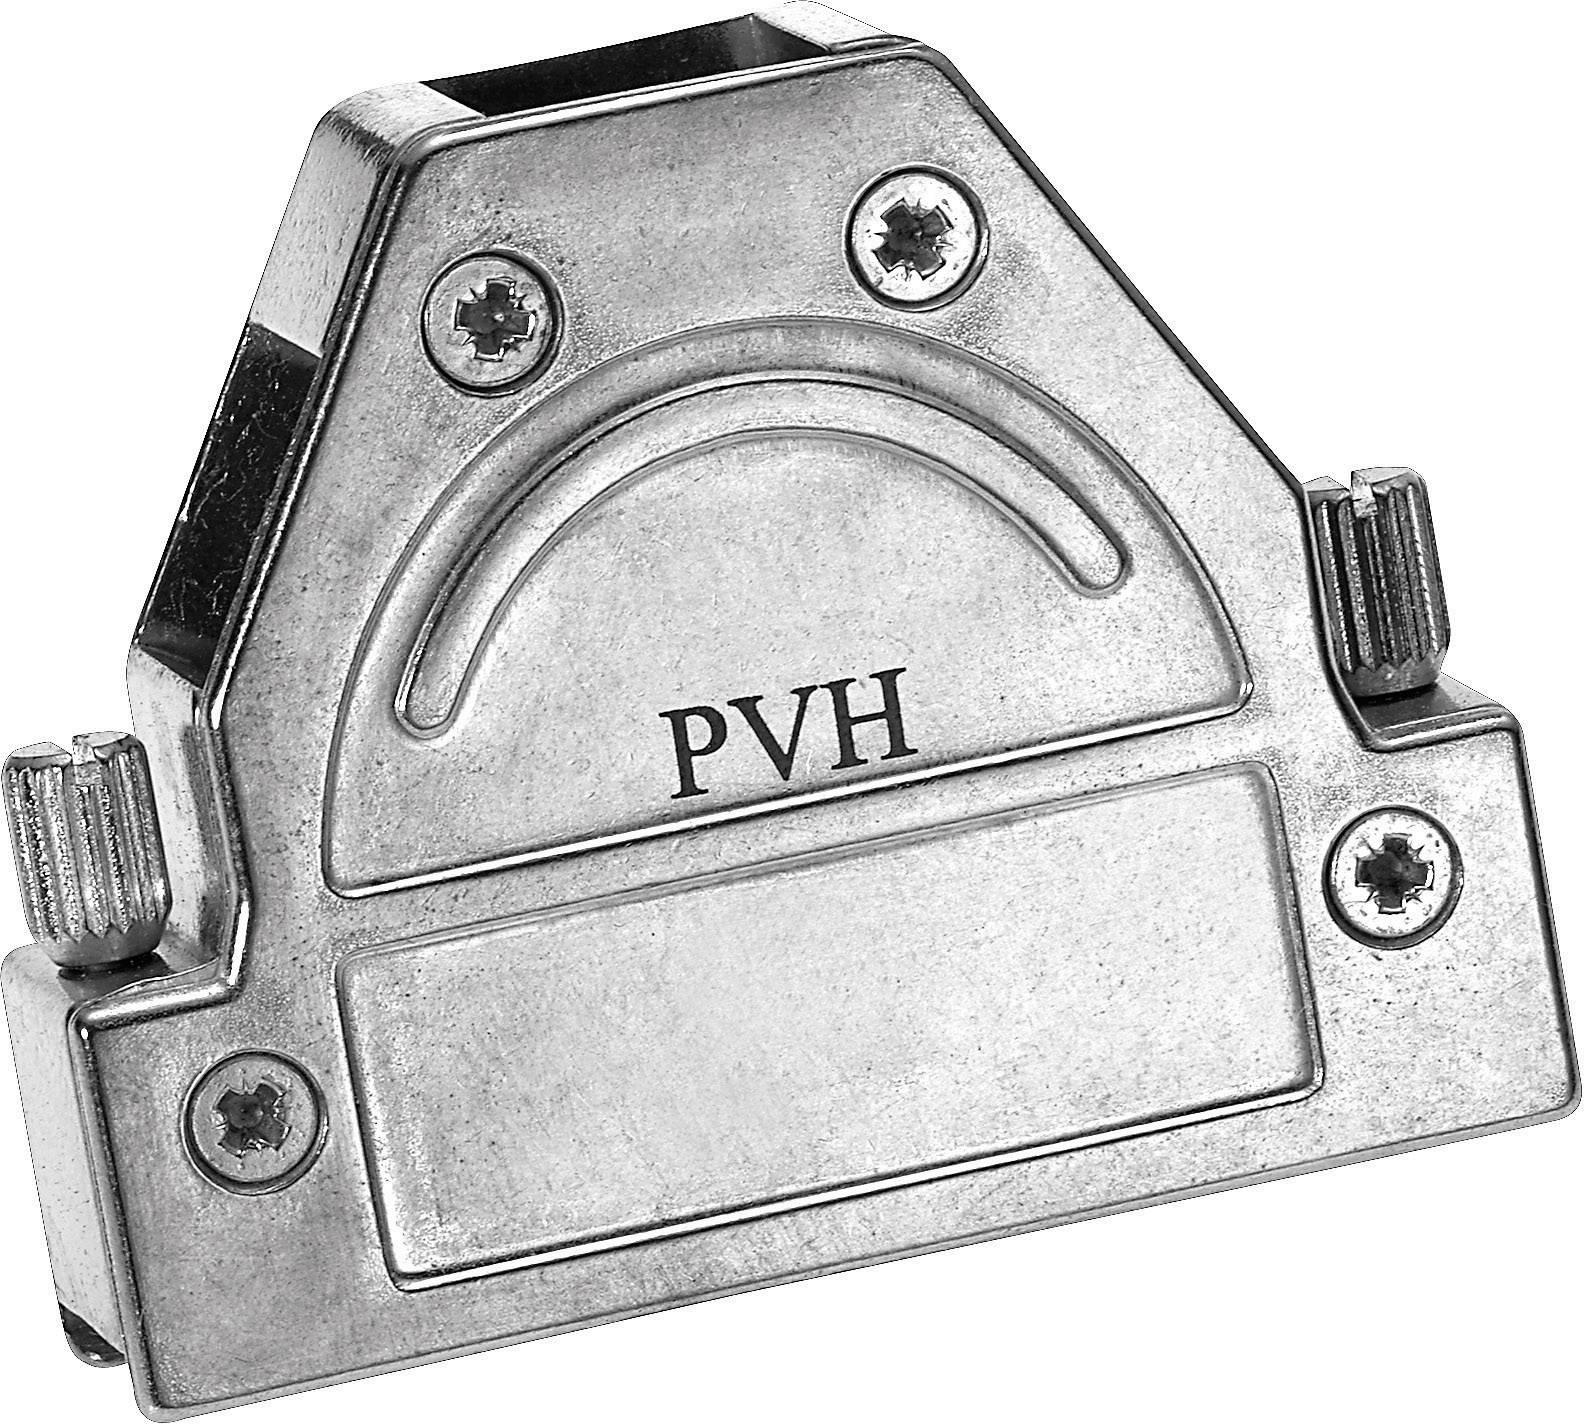 D-SUB púzdro Provertha 1709DC25001 1709DC25001, Počet pinov: 9, kov, 180 °, strieborná, 1 ks